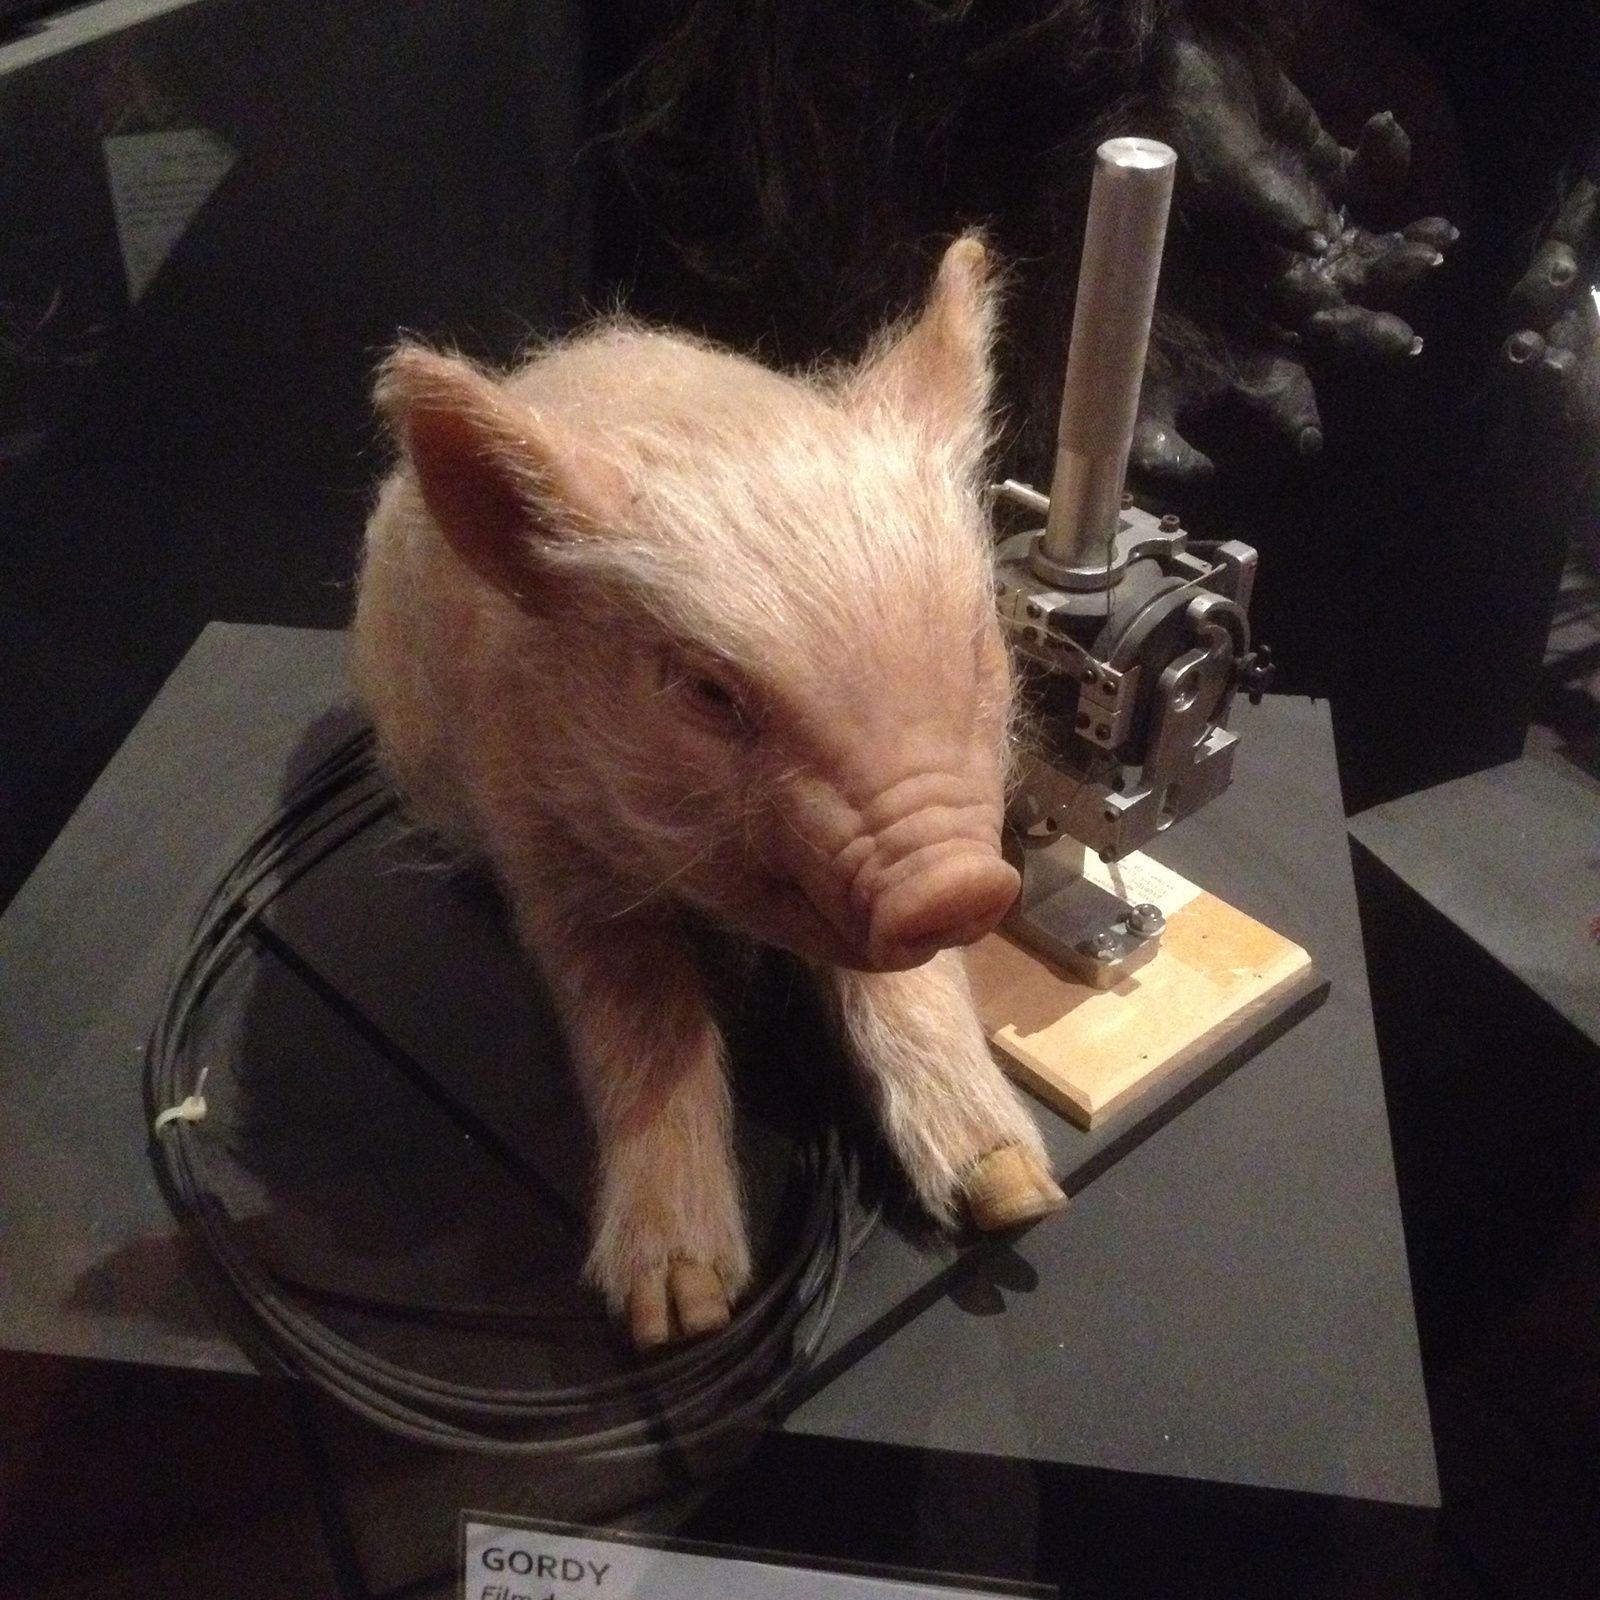 """Grosse déception. Le petit cochon de Gordy n'existait pas. Il s'agissait d'un cochon""""animatronique""""  reconstituant à l'identique le vrai cochon du film."""